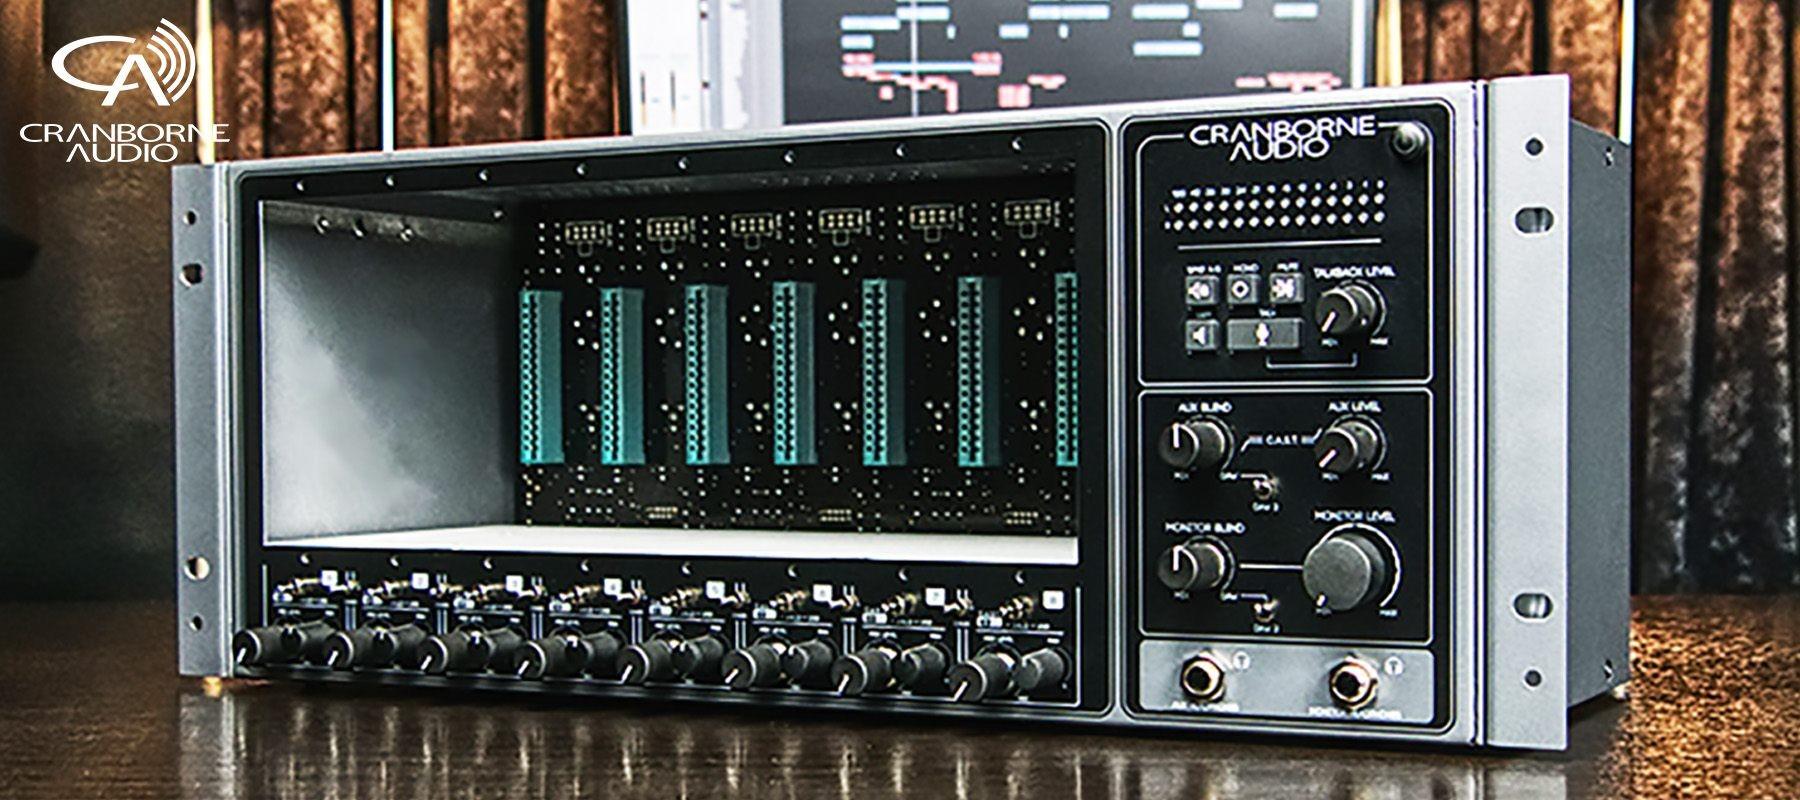 Cranborne Audio 500R8